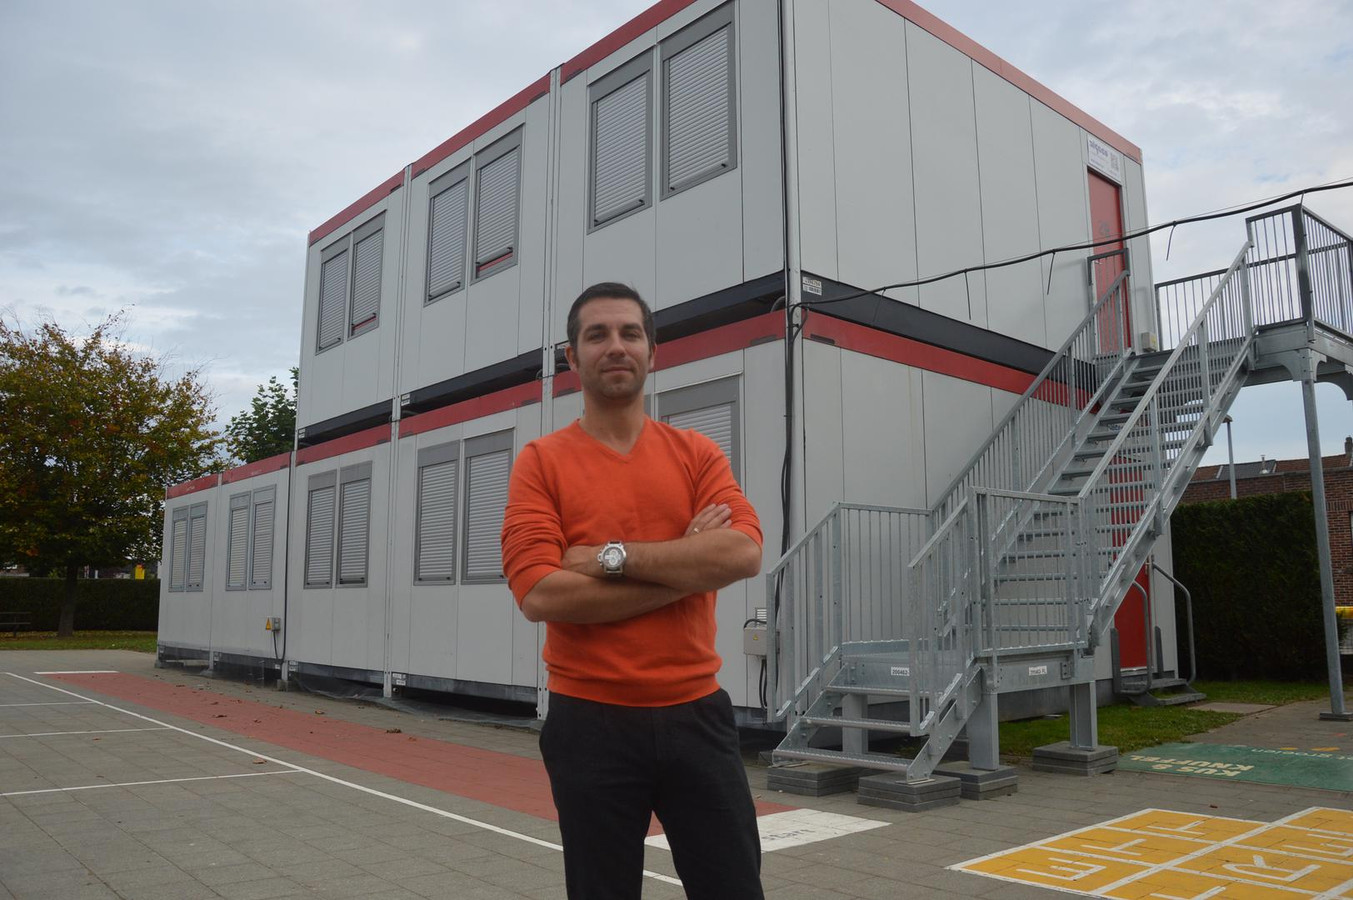 Directeur Joeri Van den Driessche bij de containerklassen van De Letttertuin.